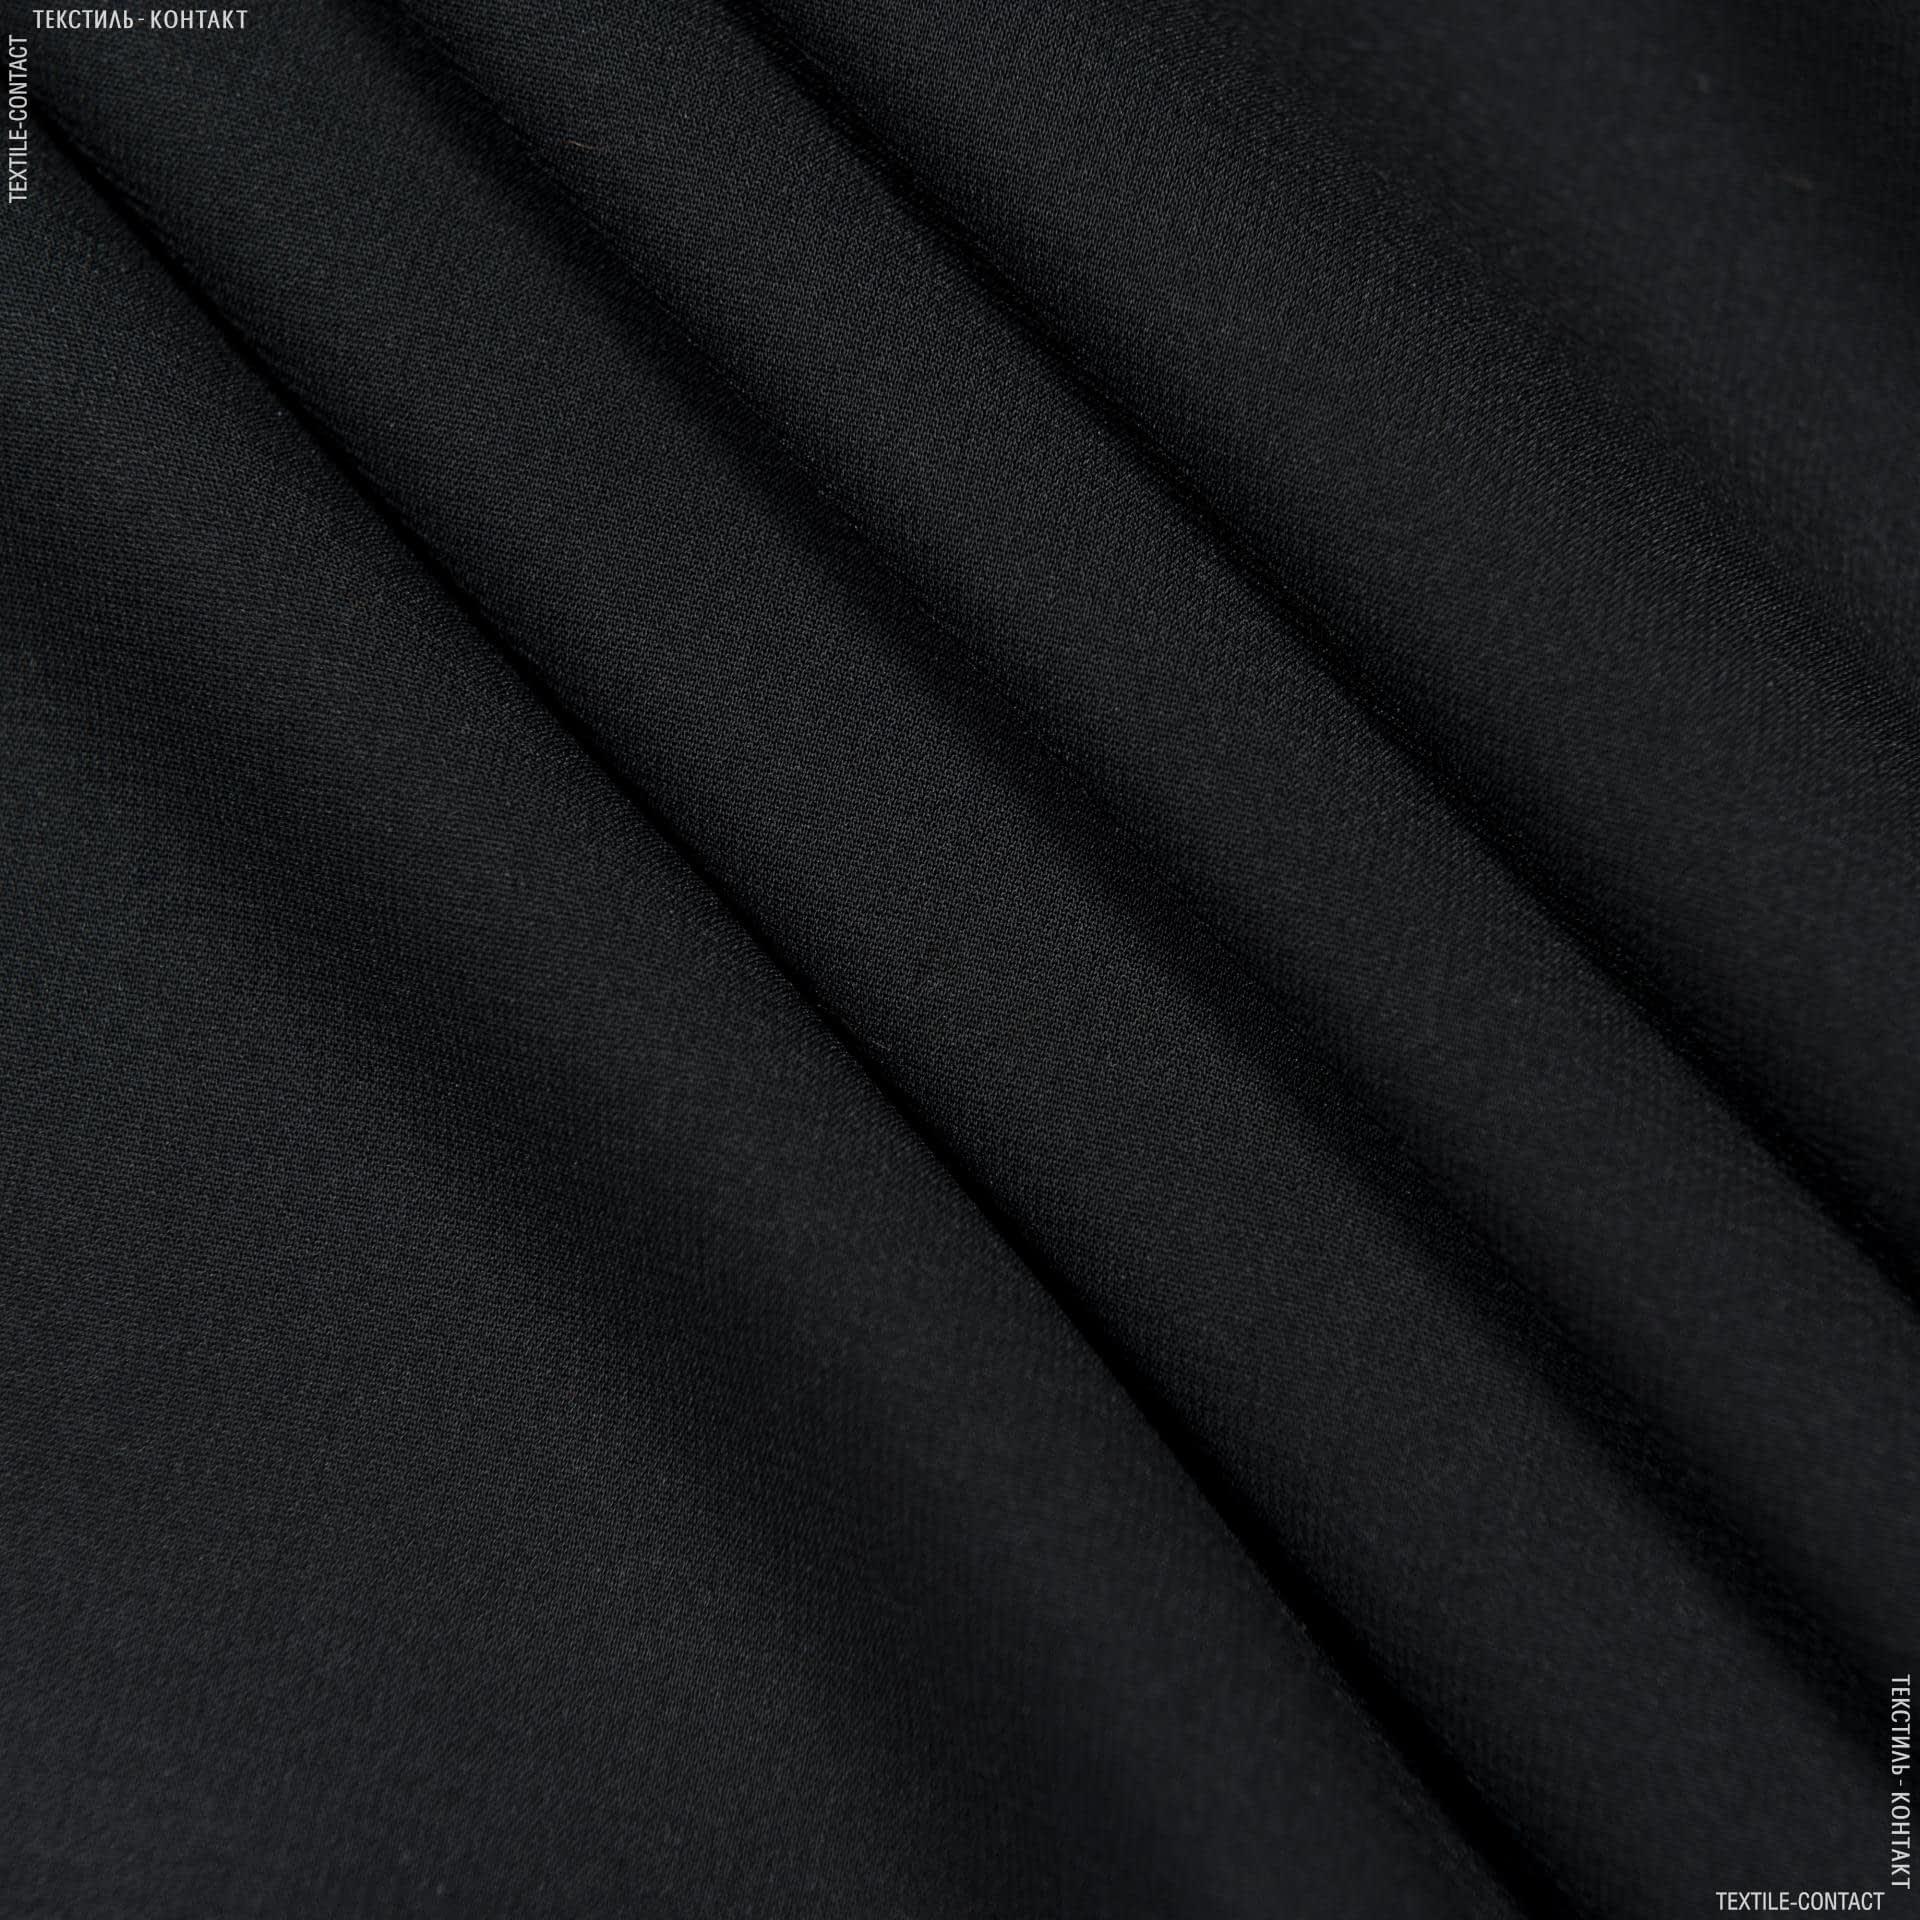 Тканини для хусток та бандан - Шифон стрейч чорний